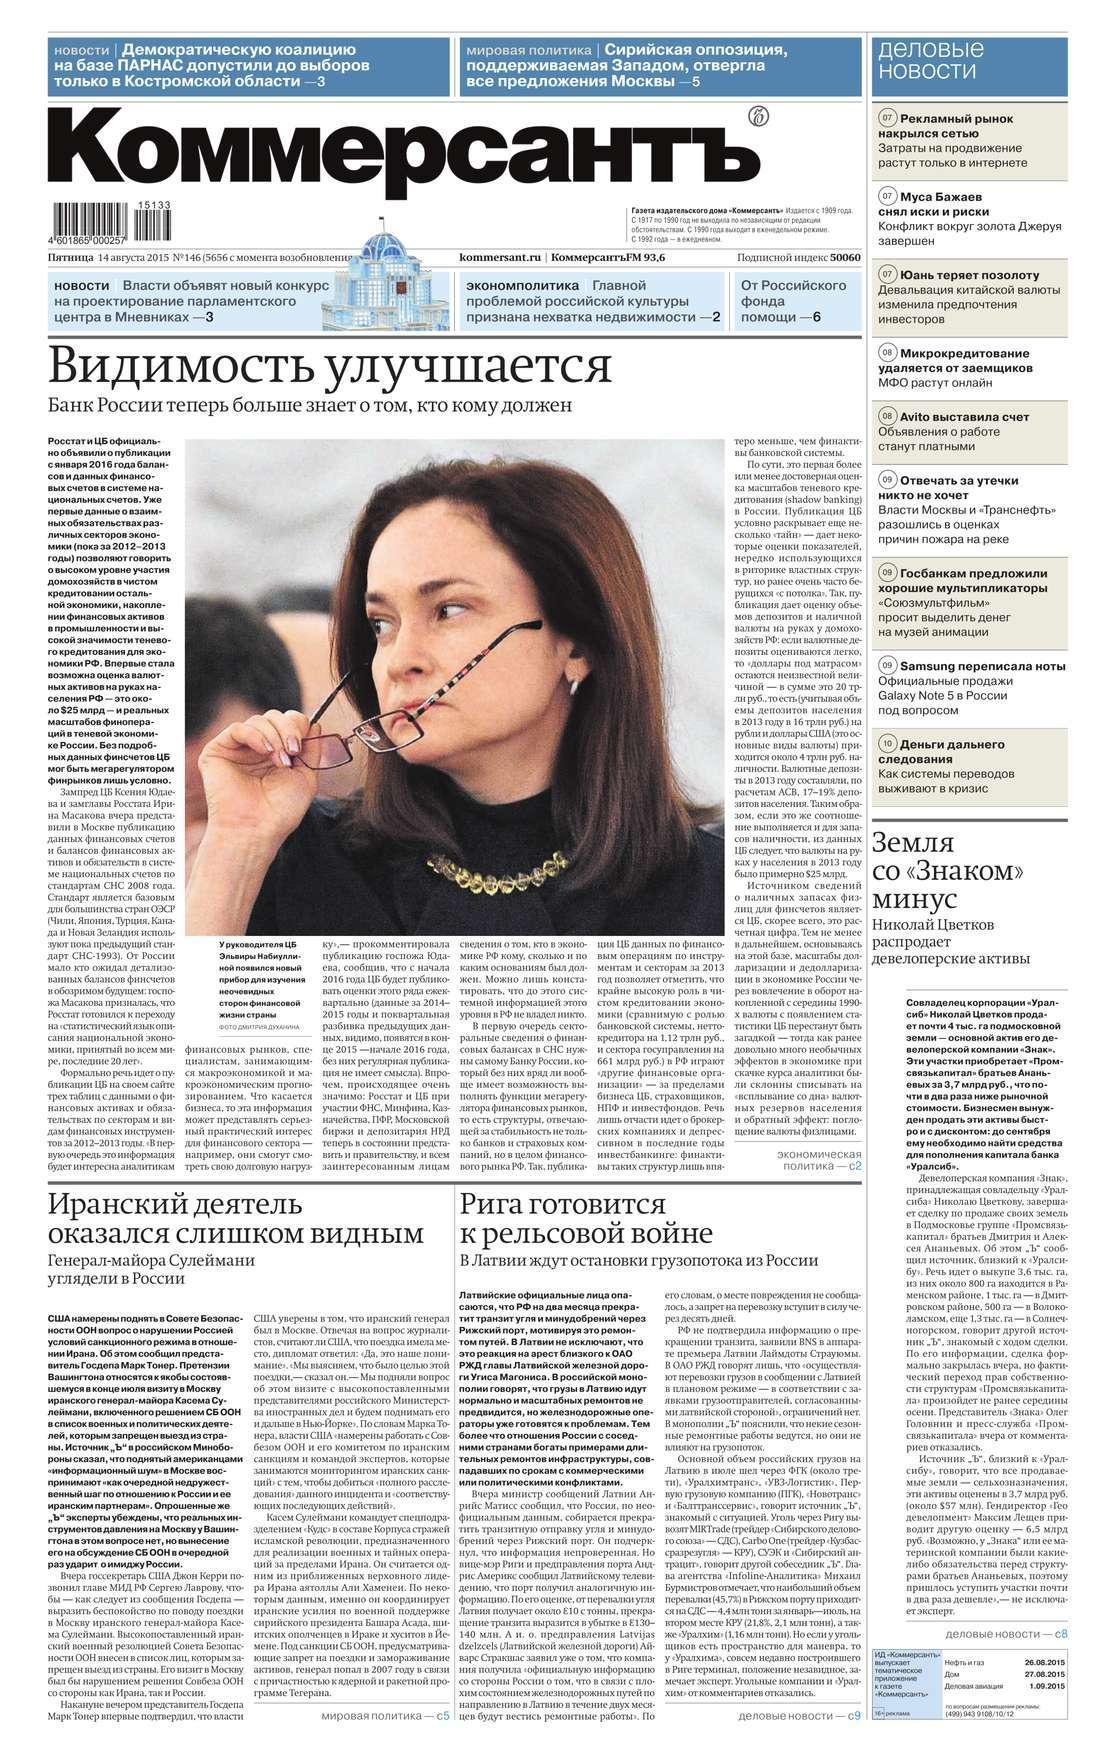 Скачать Редакция газеты КоммерсантЪ бесплатно КоммерсантЪ 146-2015